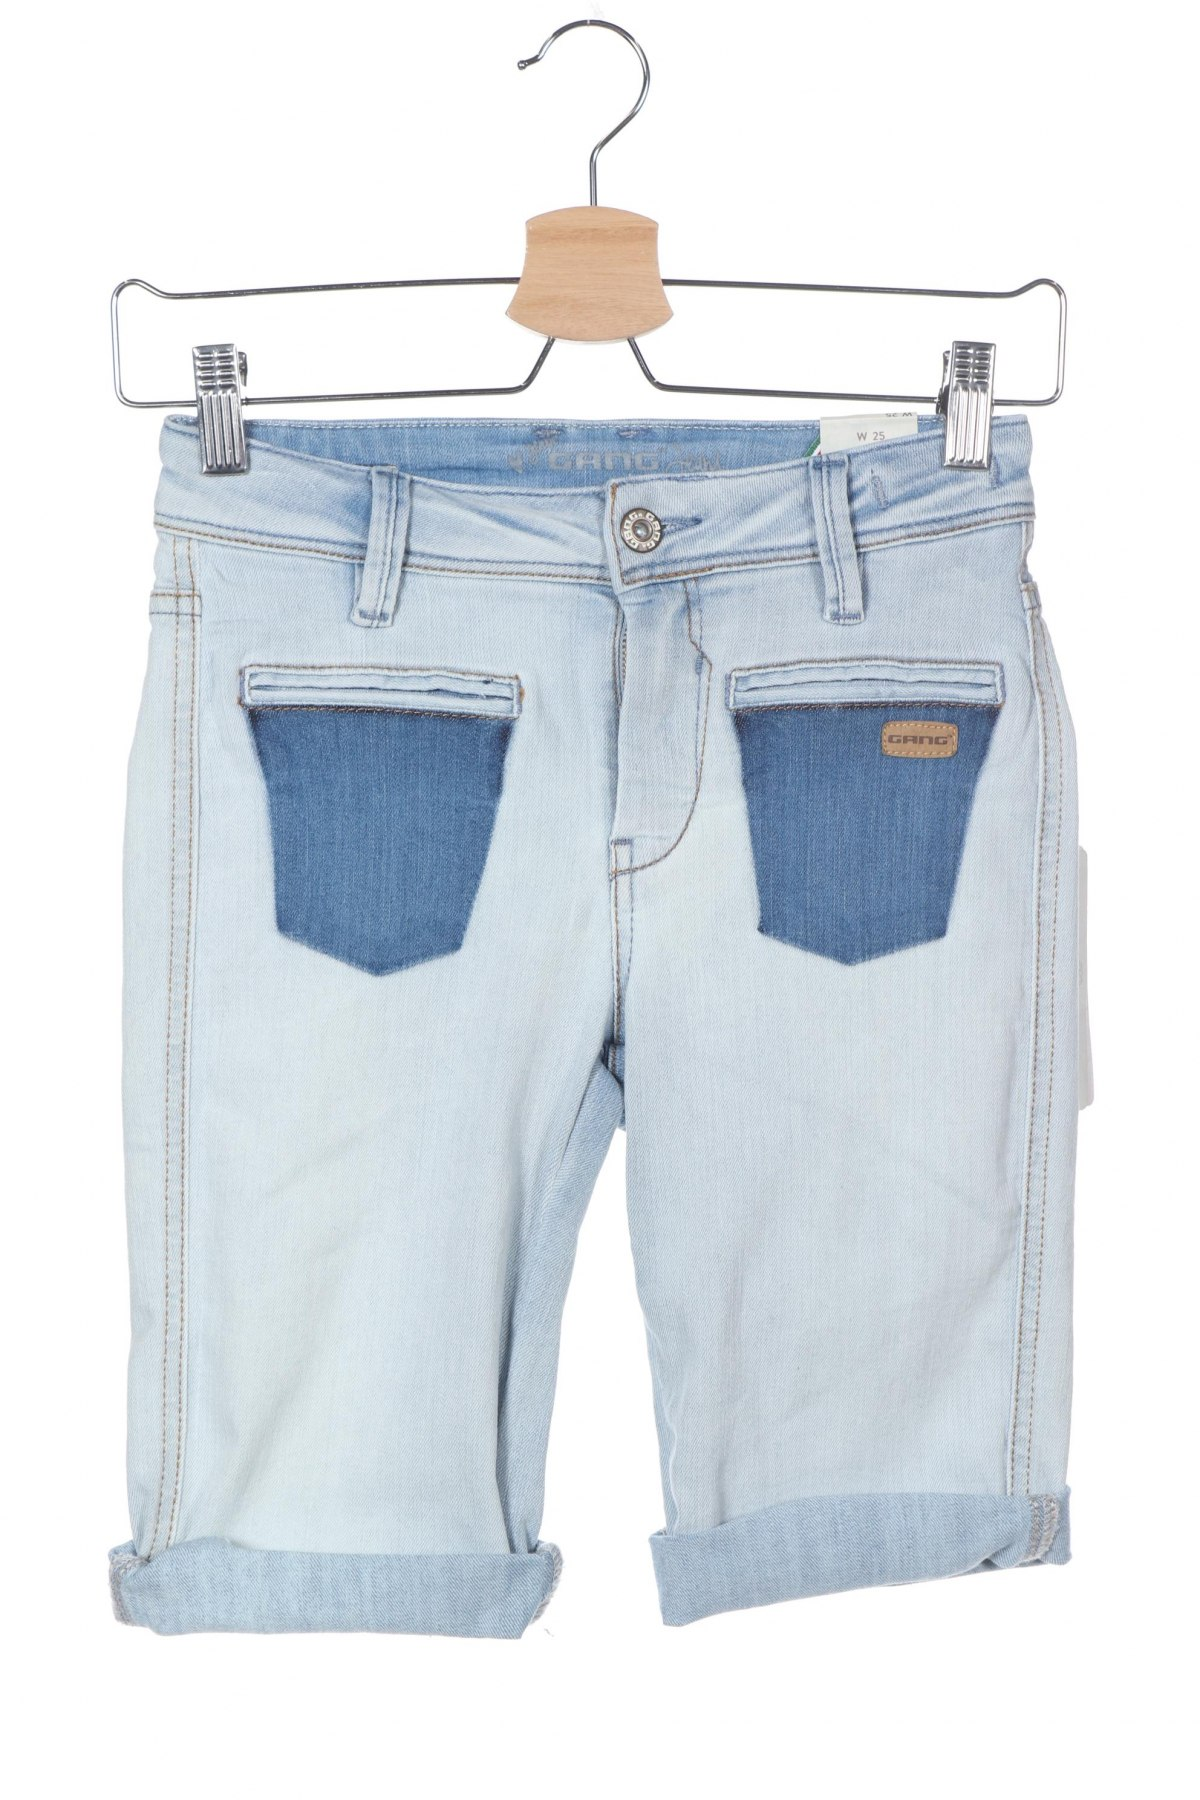 Γυναικείο κοντό παντελόνι Gang, Μέγεθος XS, Χρώμα Μπλέ, 71% βαμβάκι, 27% πολυεστέρας, 2% ελαστάνη, Τιμή 26,61€